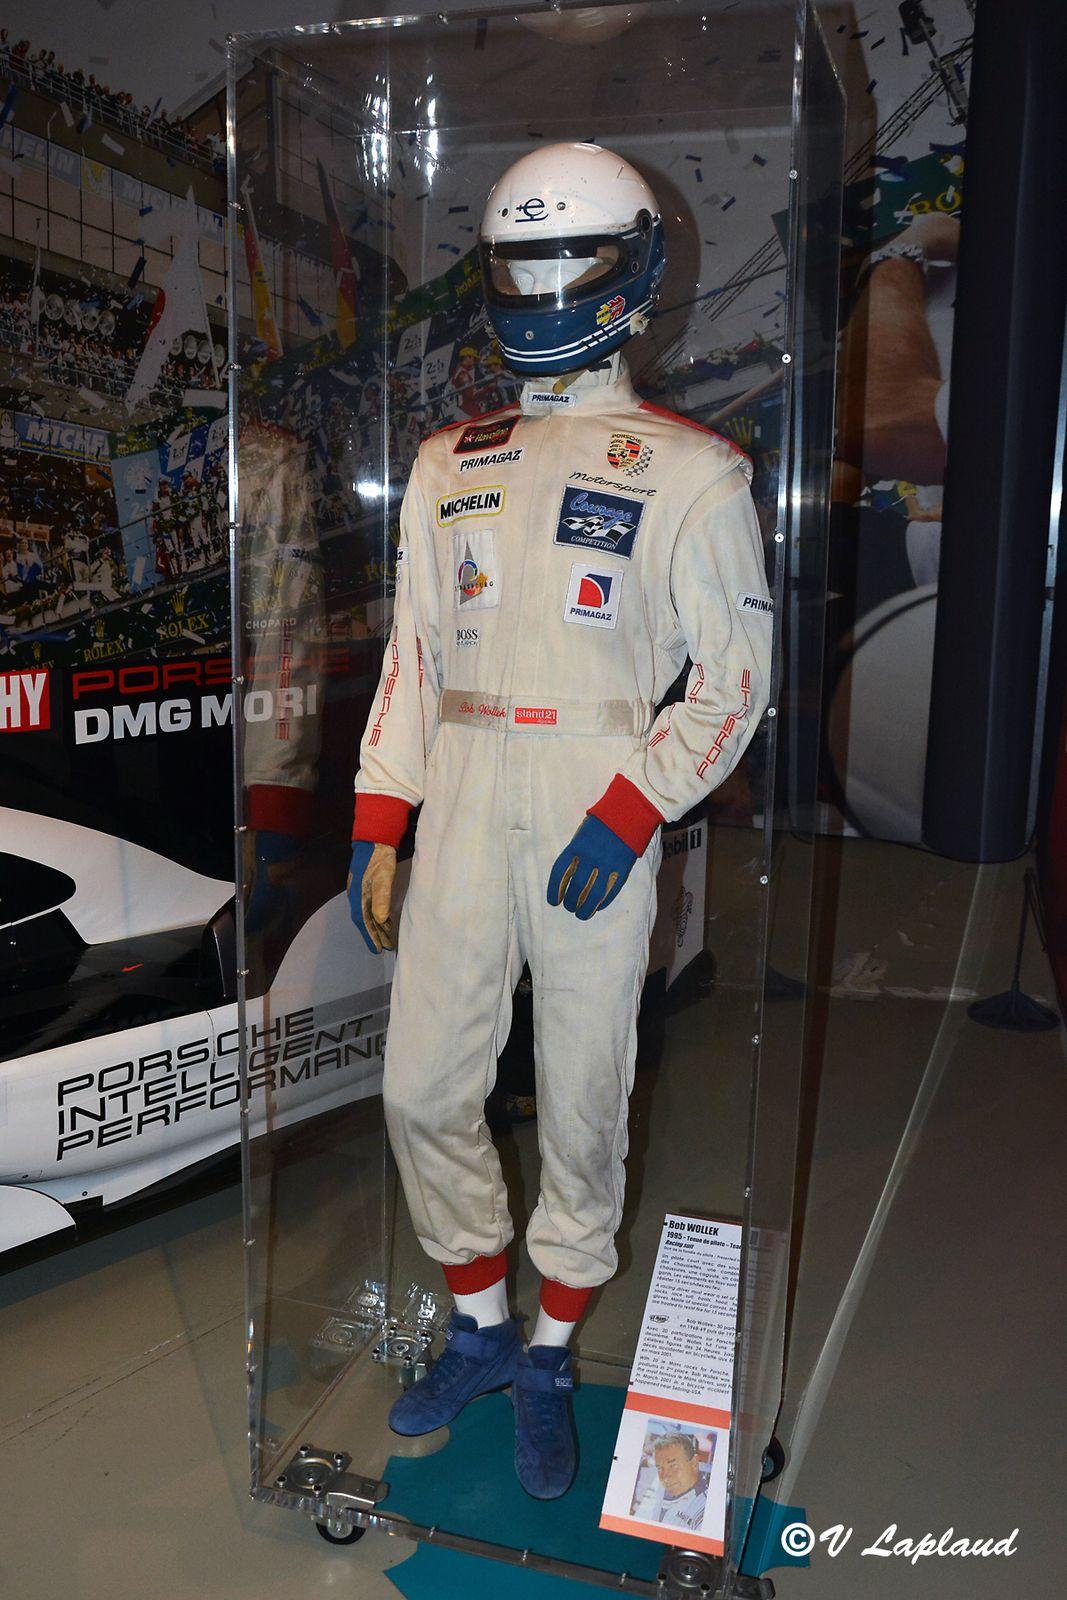 Tenue de course Bob Wollek, 24 Heures du Mans 1995, Musee du Mans 2020.